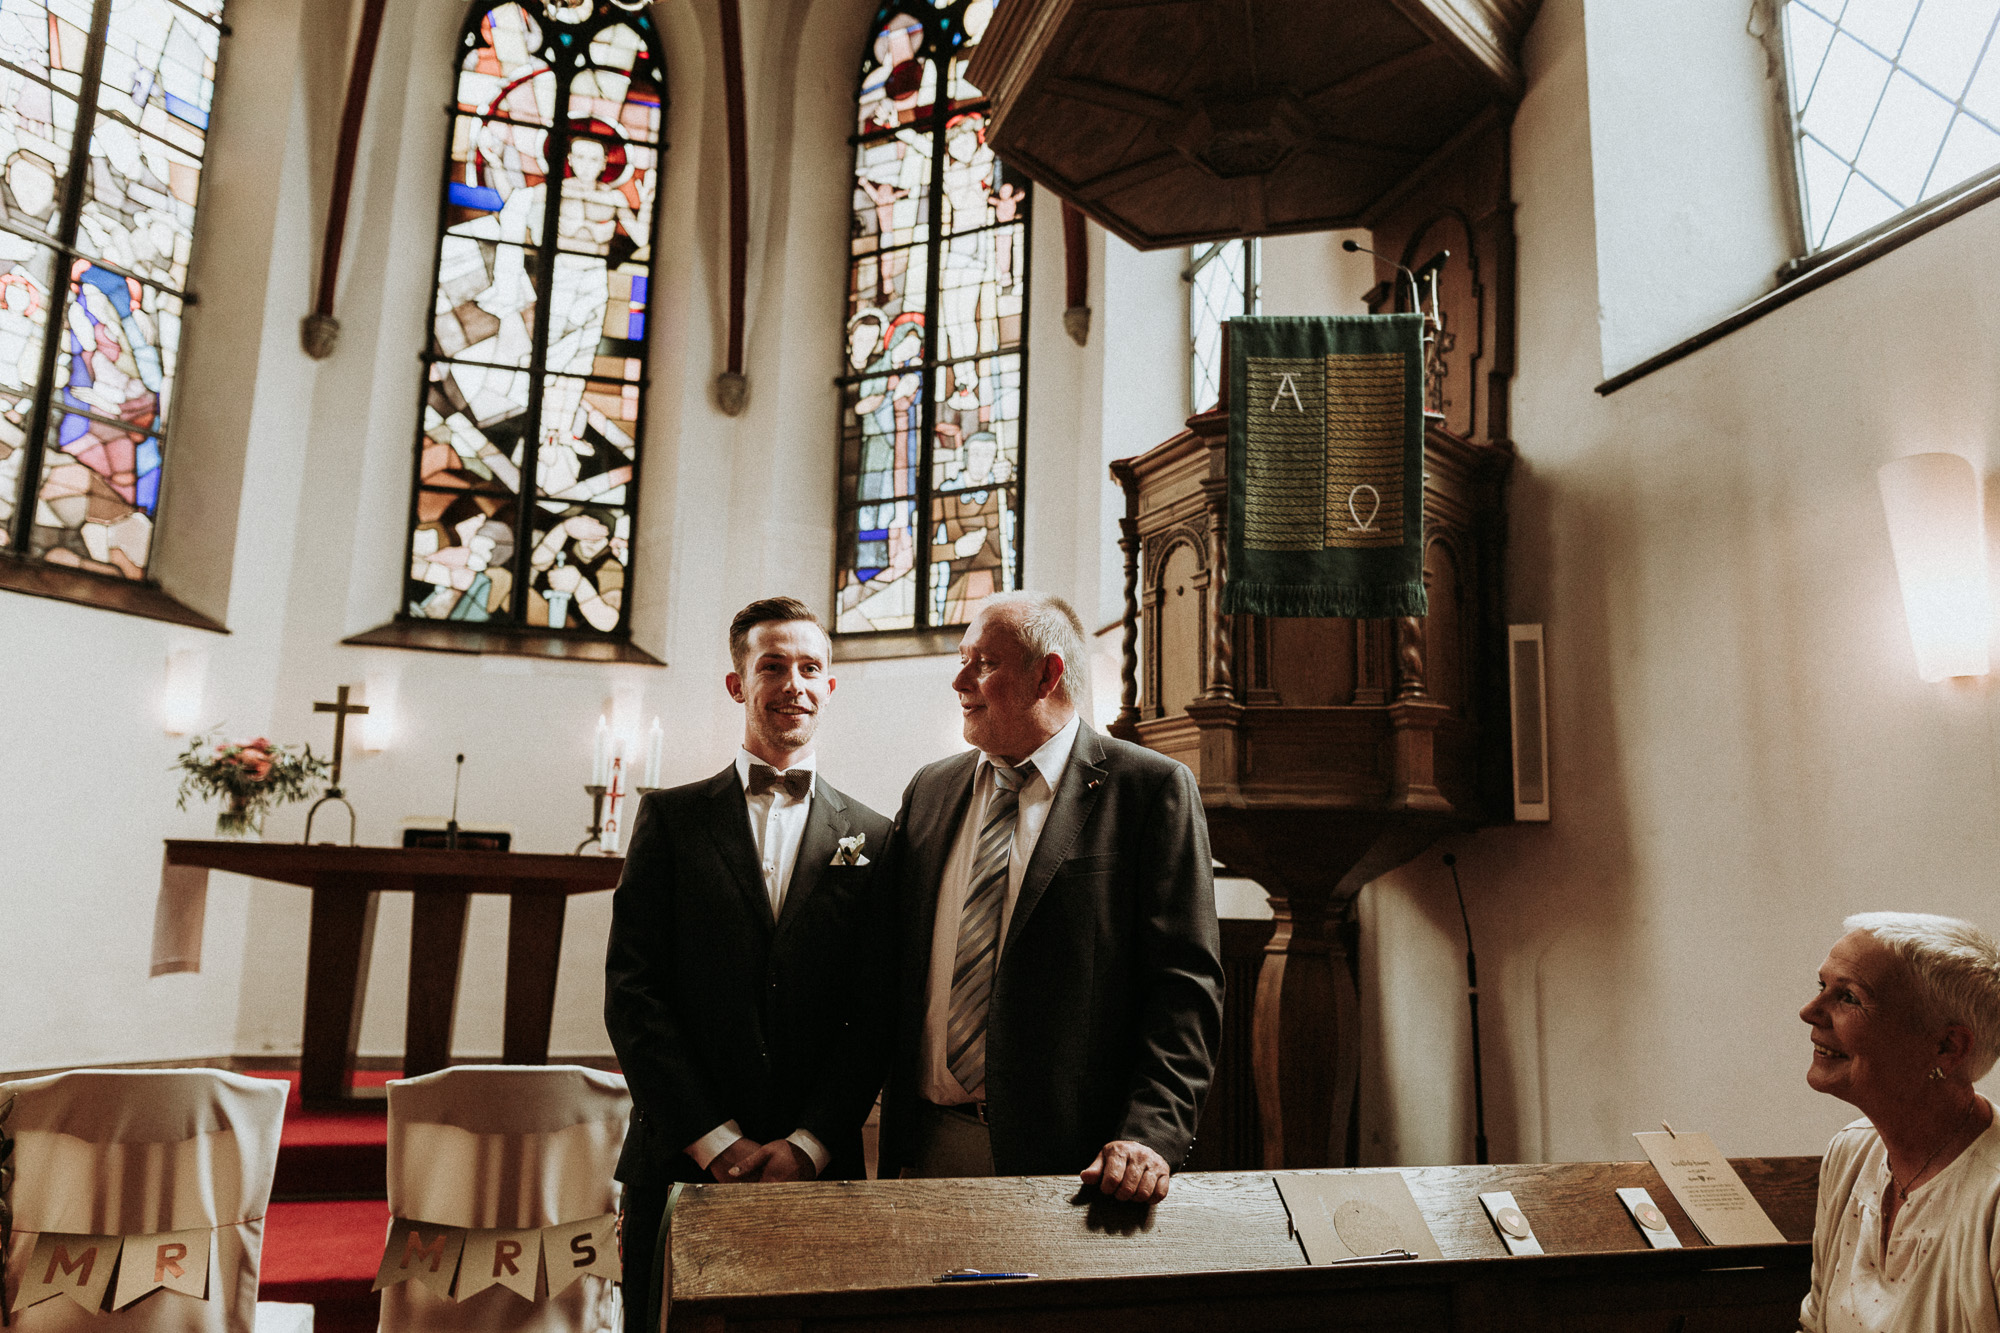 Hochzeitsfotograf_Dinslaken_Hanna_Marc79